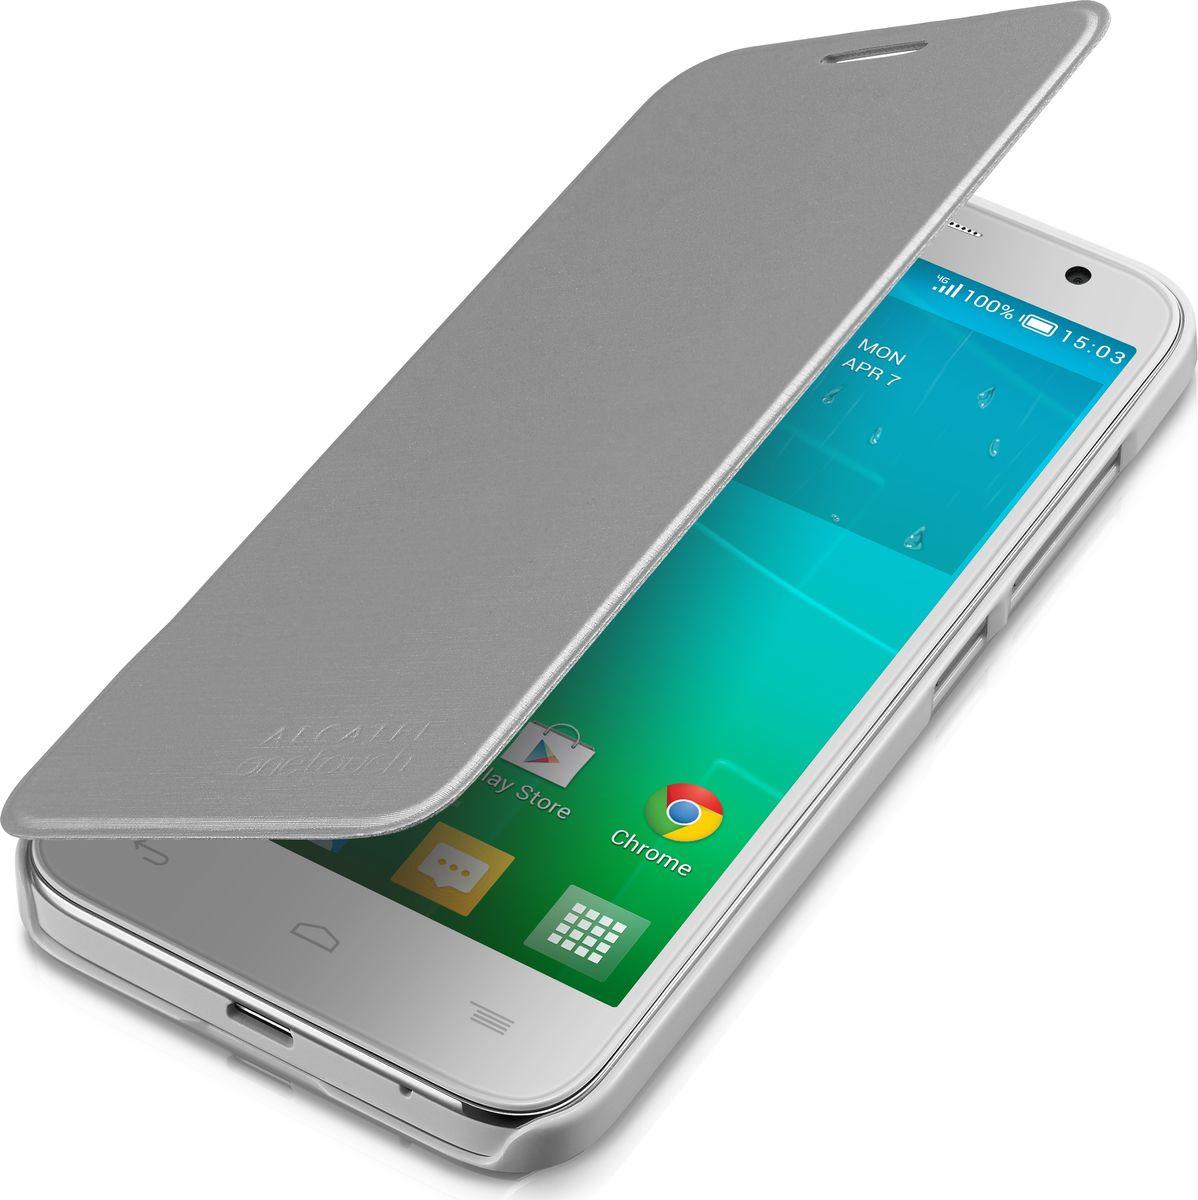 Чехол для сотового телефона Alcatel FC6036 для Idol 2 Mini S, F-GCGC60X0S11C1-A1, серый чехол для сотового телефона alcatel fc5050 flip cover для pop s3 f gcgc6130k12c1 a1 шоколад